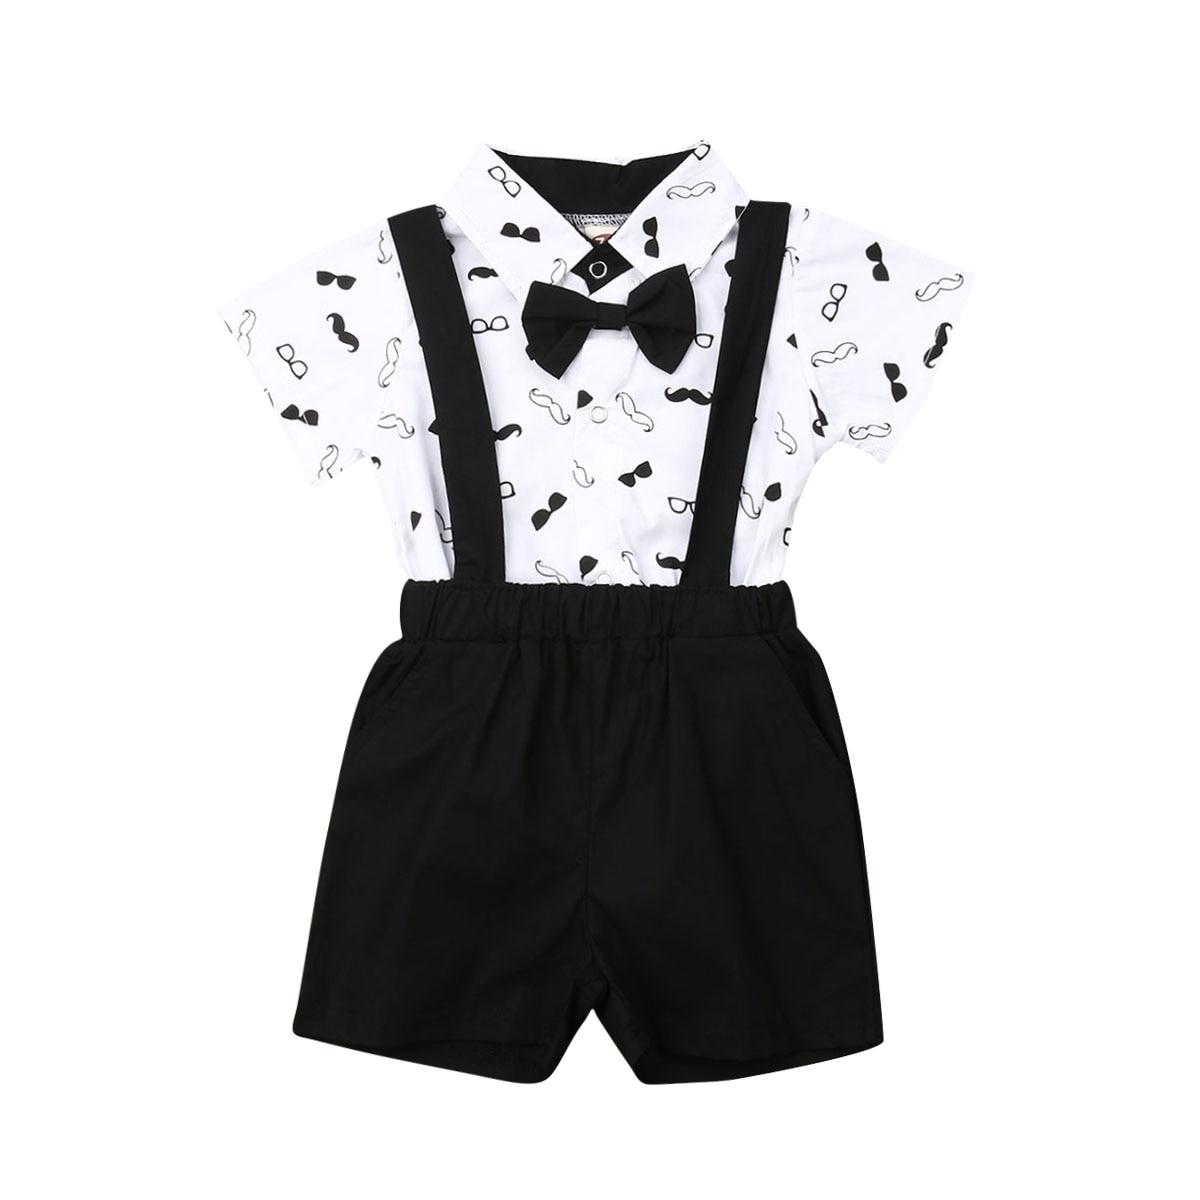 2020 verão recém-nascidos do bebê meninos ternos formais roupas infantis arco camisas bodysuit macacão shorts da criança festa de casamento outfits